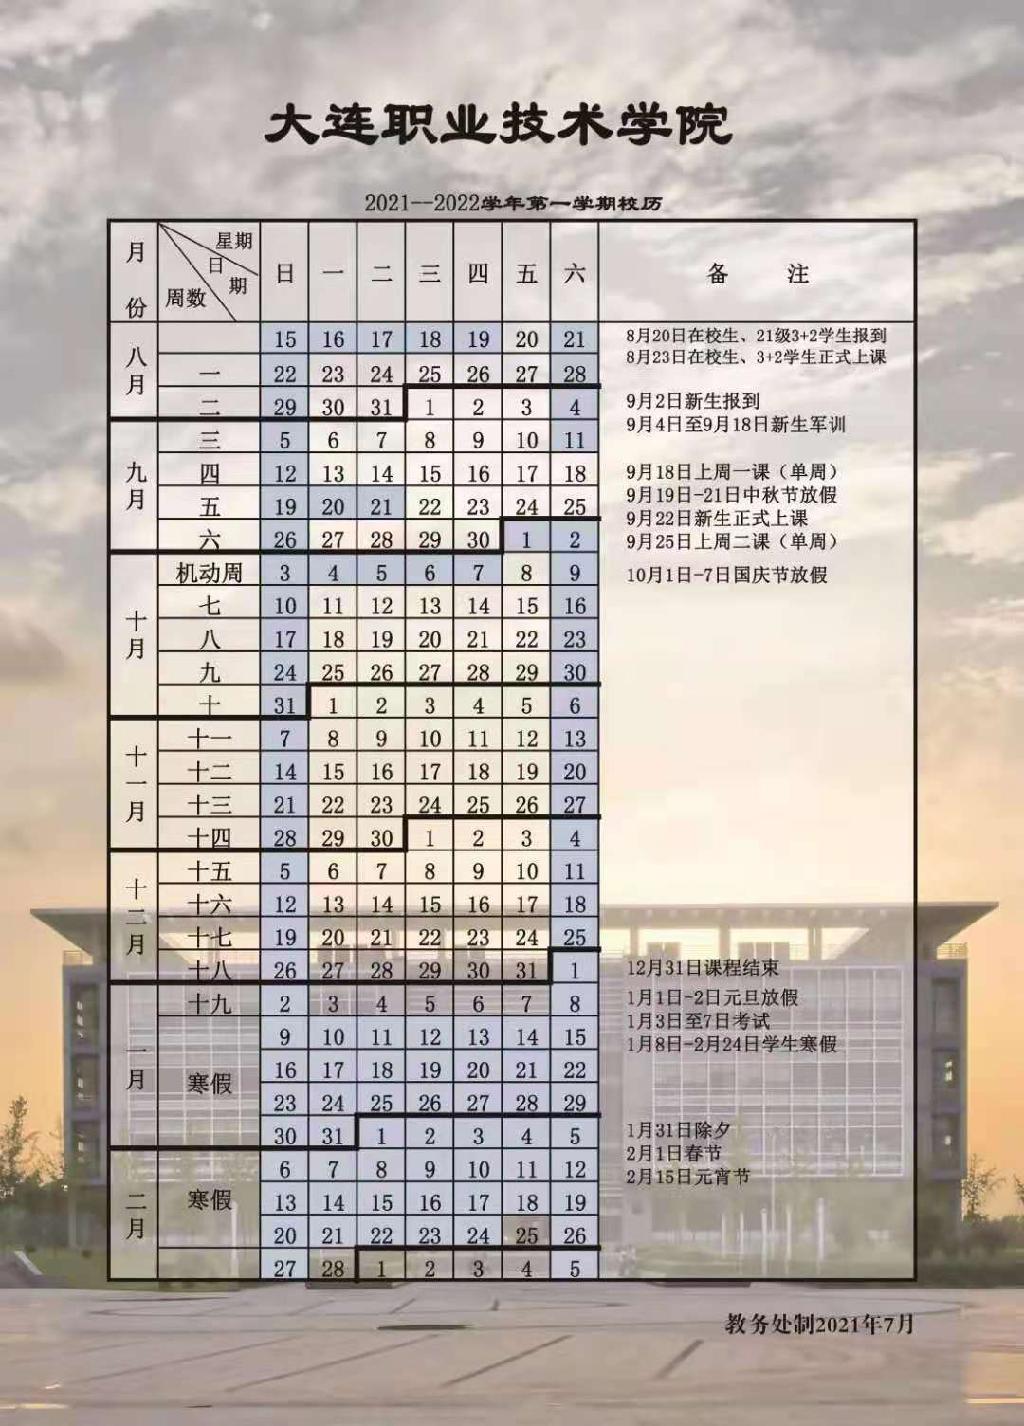 2021-2022学年第一学期校历.jpg